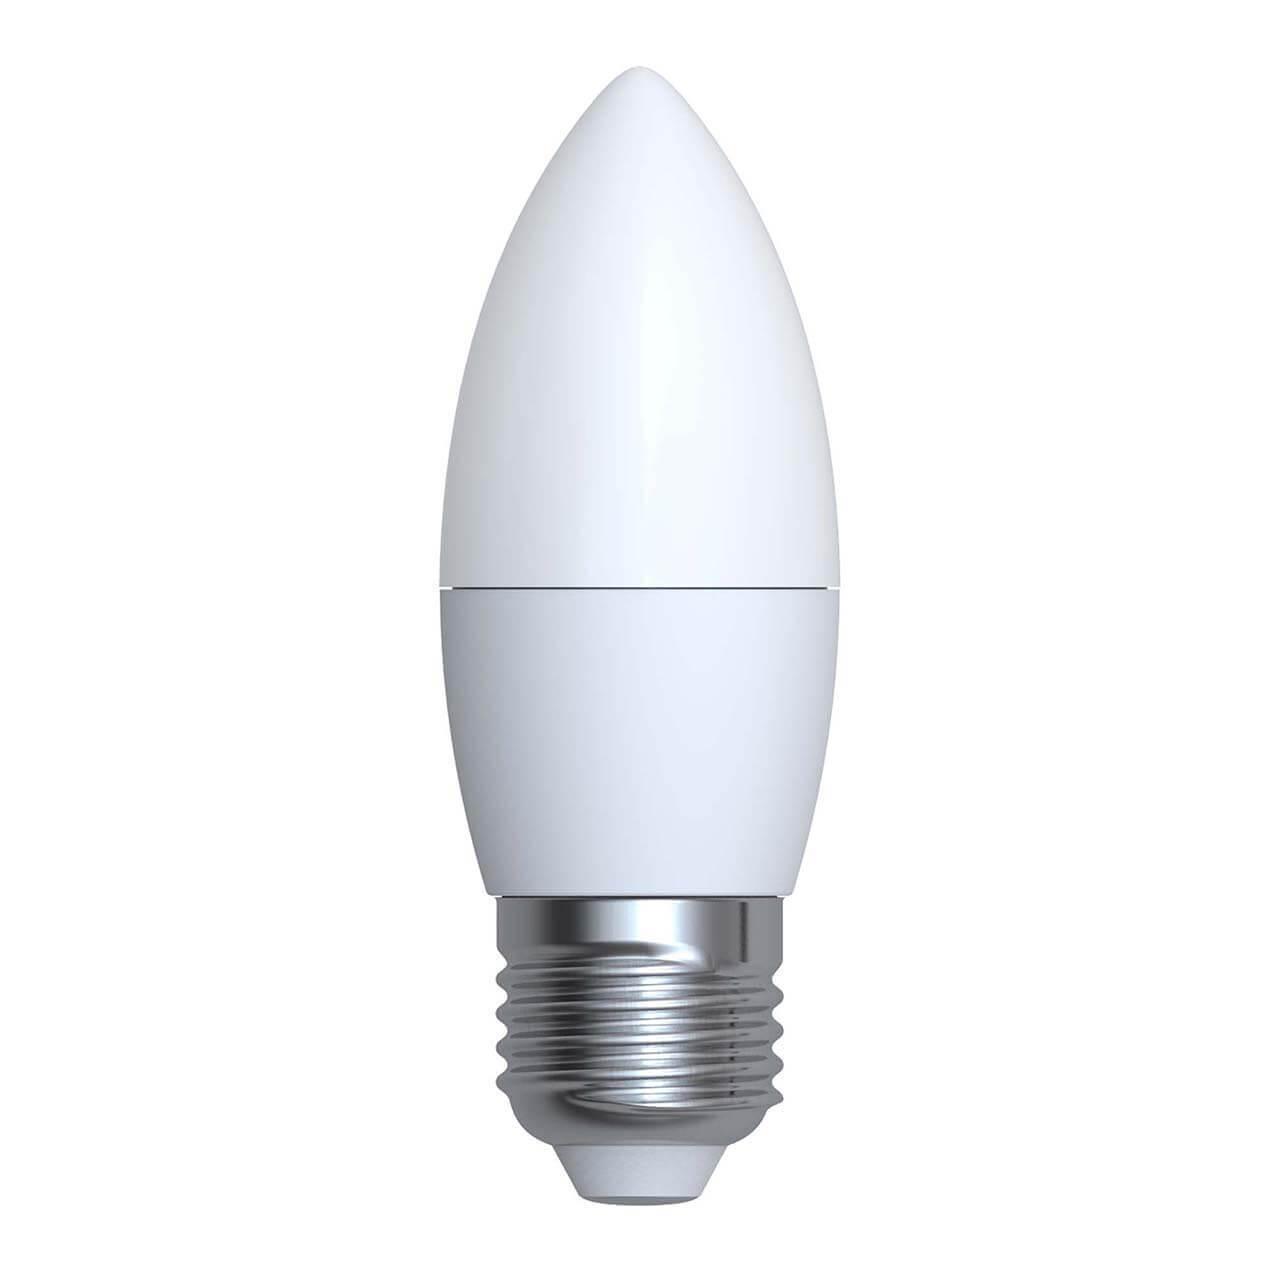 Лампа светодиодная (UL-00001770) E27 8W 3000K матовая LED-C37-8W/WW/E27/FR/O цена и фото